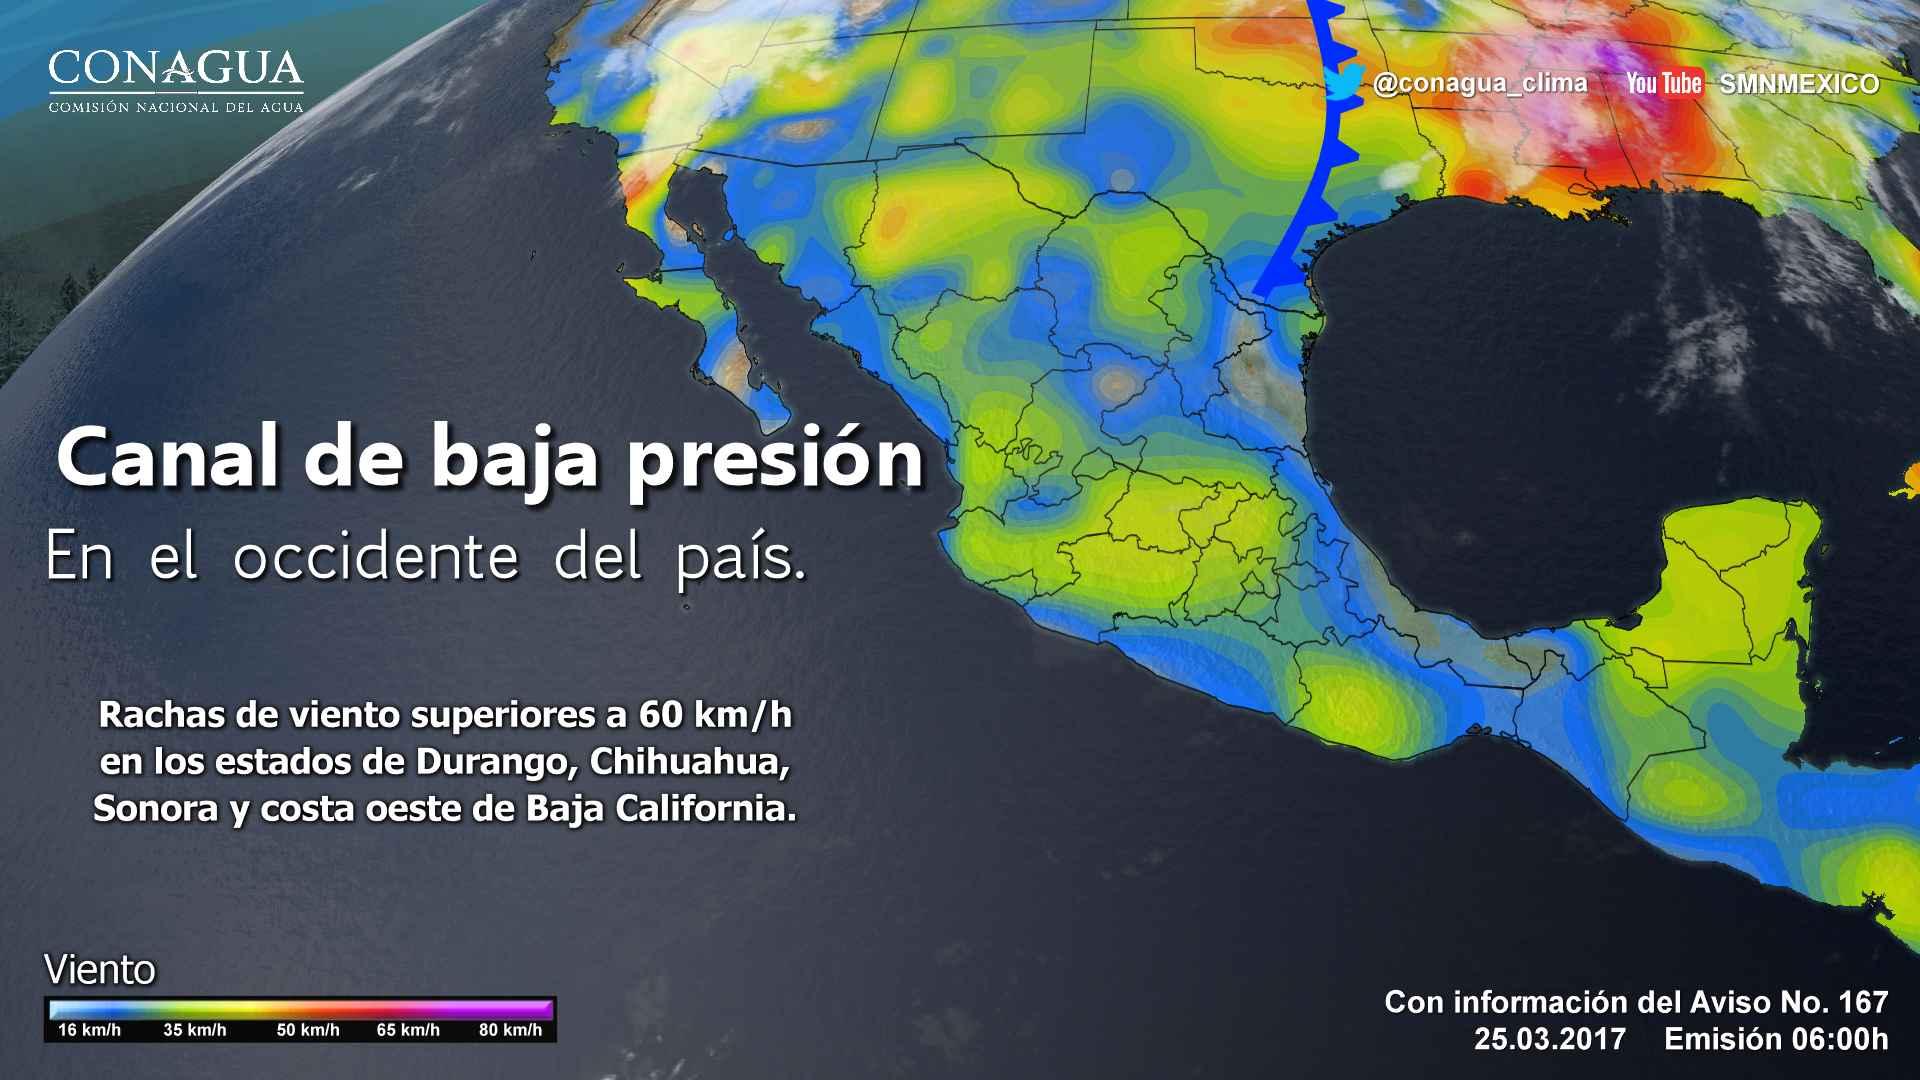 En el Pacífico Centro: Cielo medio nublado. Intervalos de chubascos en Michoacán. Ambiente muy caluroso. Viento del noroeste de 15 a 30 km/h